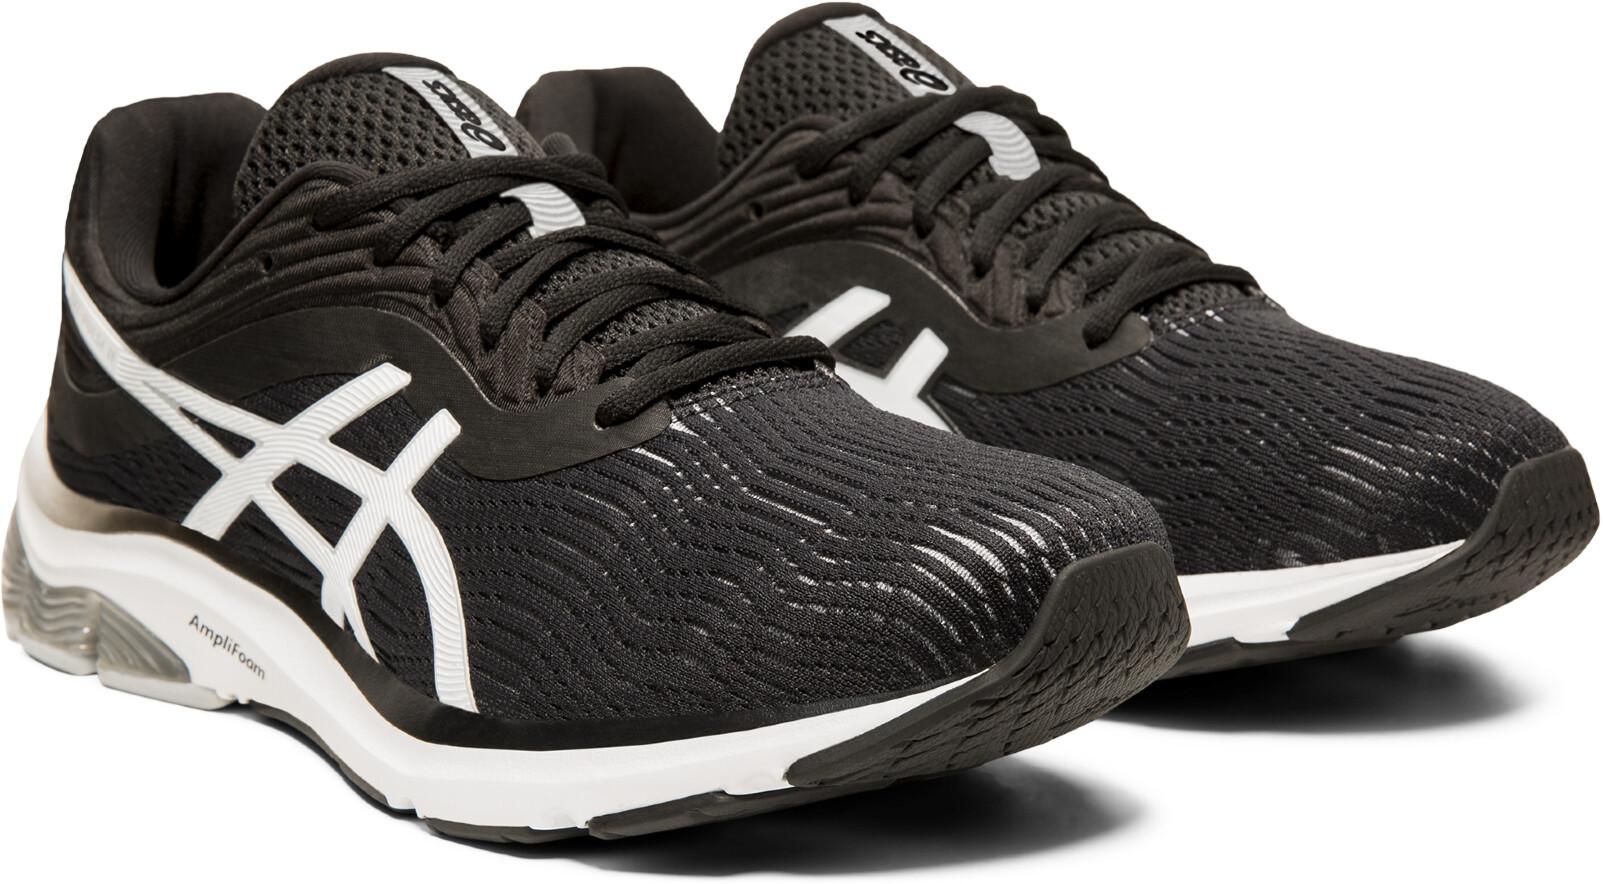 Men's GEL PULSE 11 | Black Piedmont Grey | Running Shoes